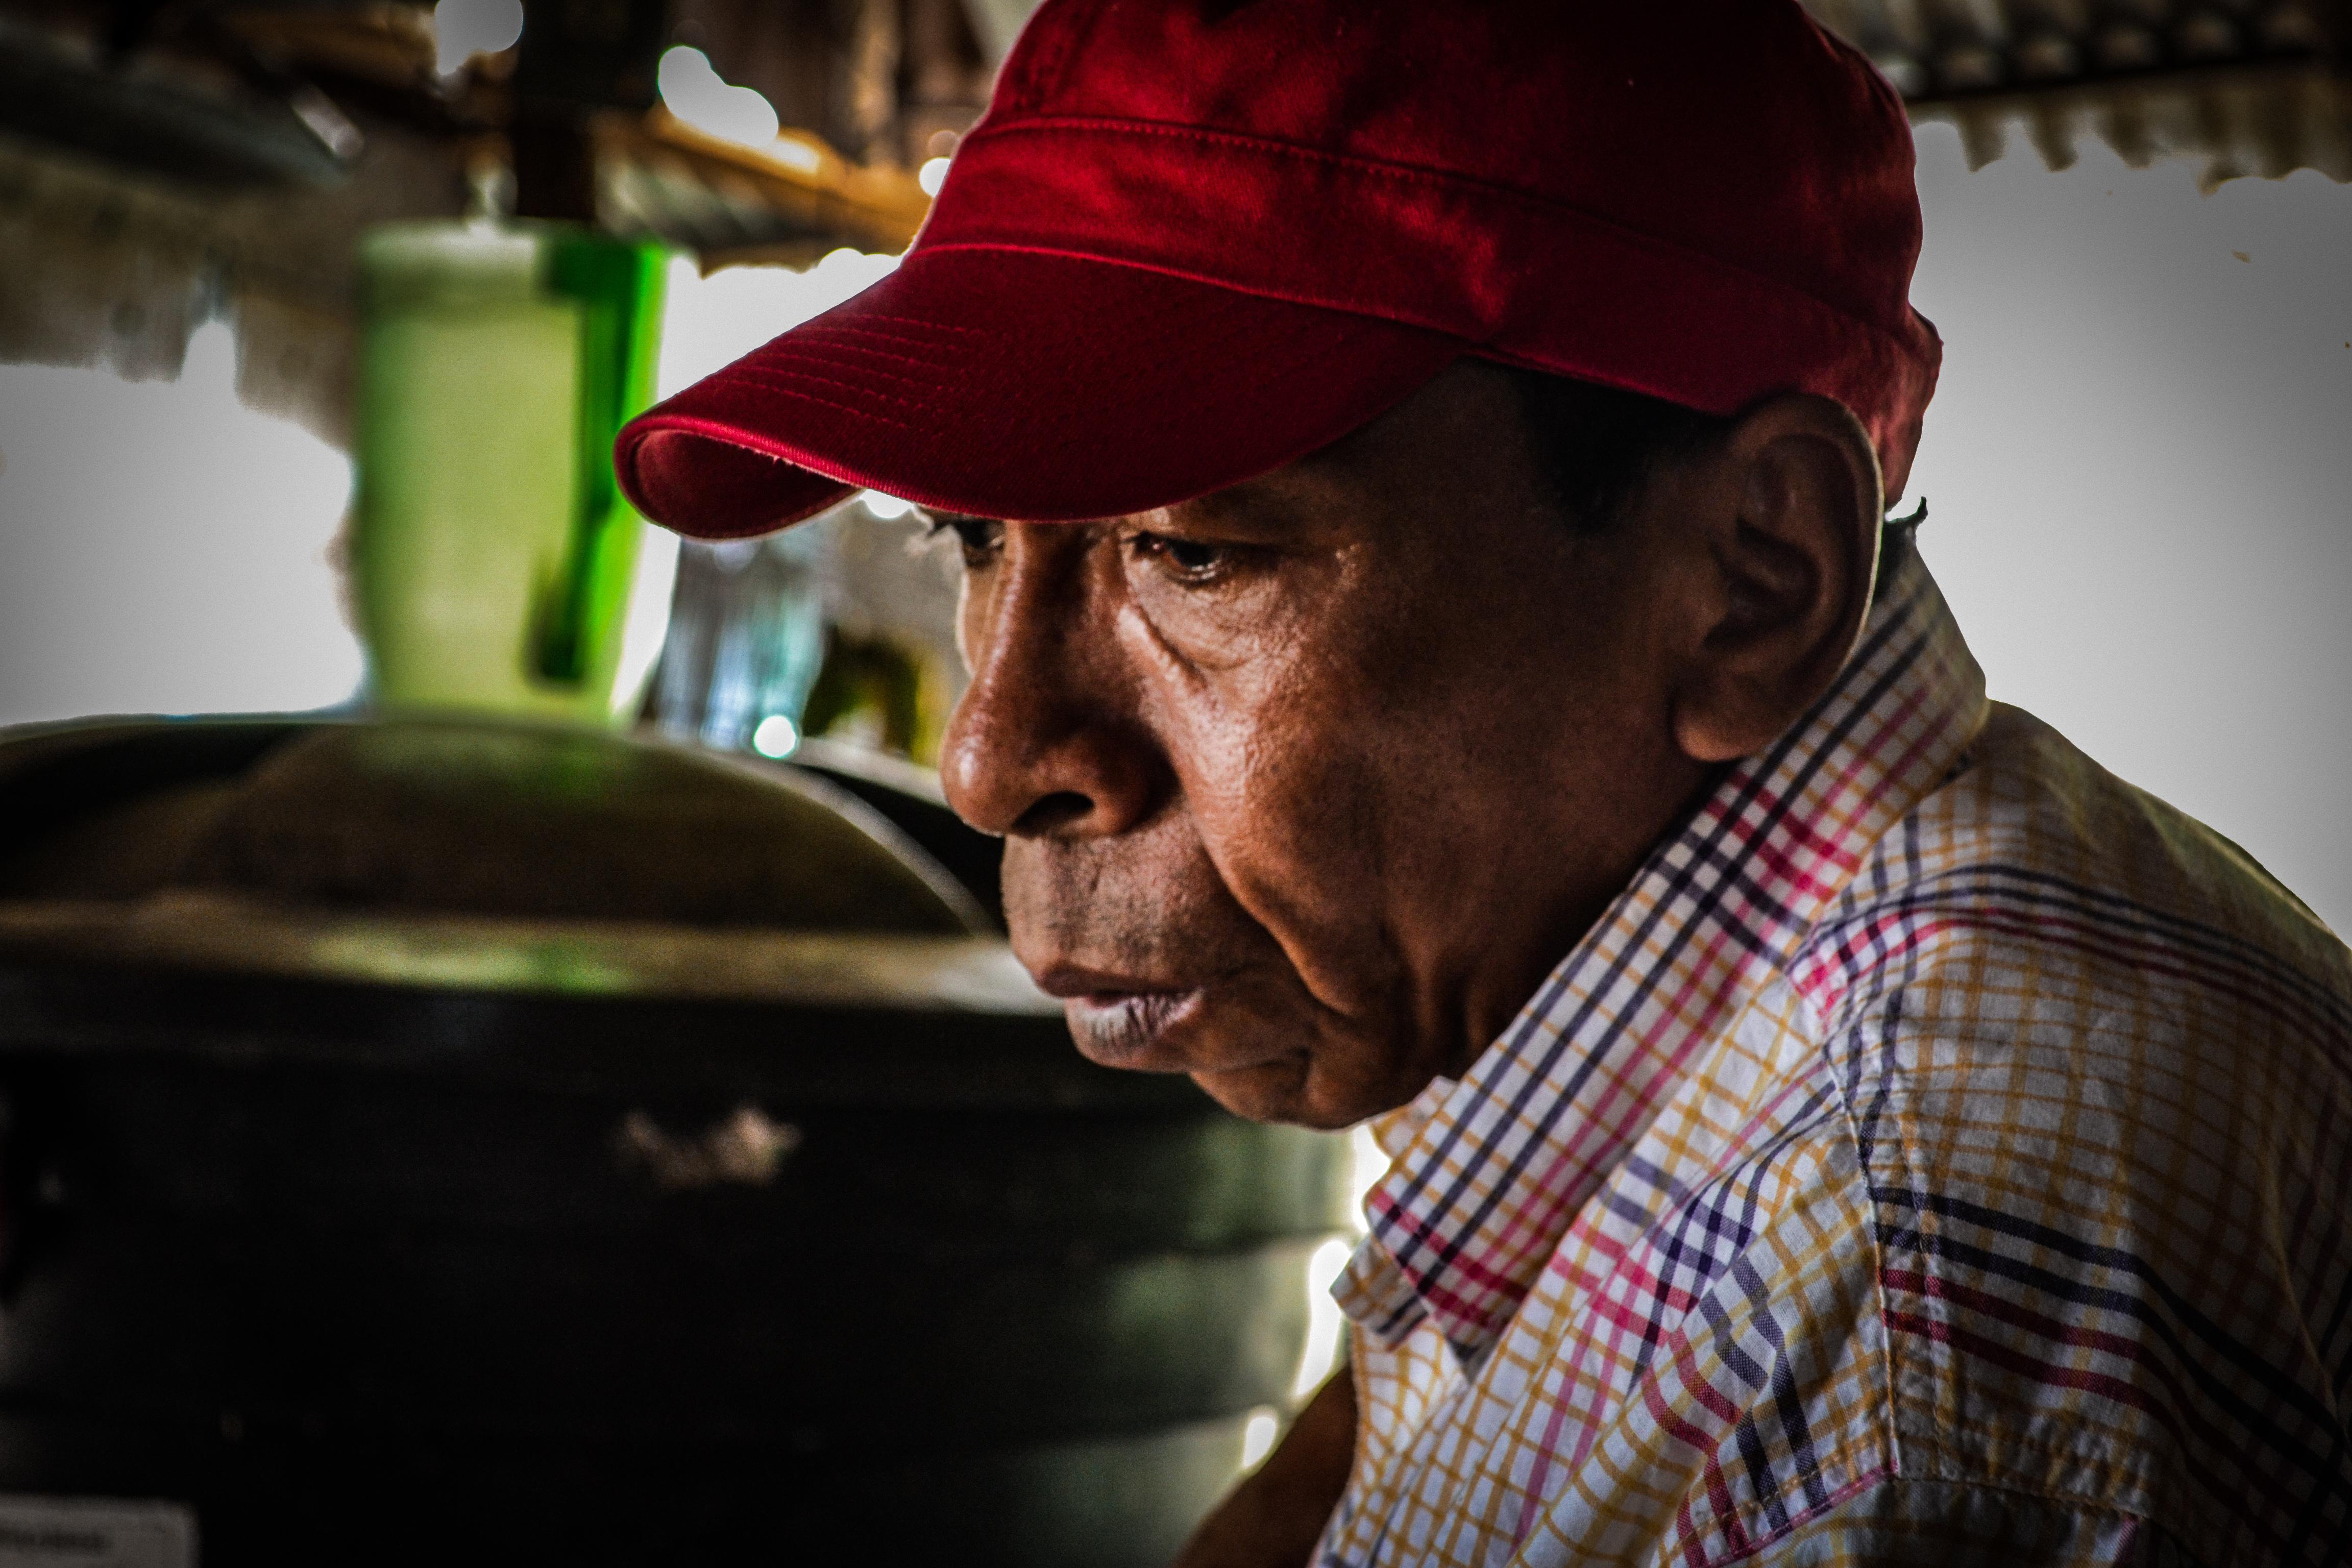 Del intento de homicidio que sufrió en 2016, a Narváez le quedaron serias limitaciones en el movimiento de sus manos. Foto. Jessica Santisteban.